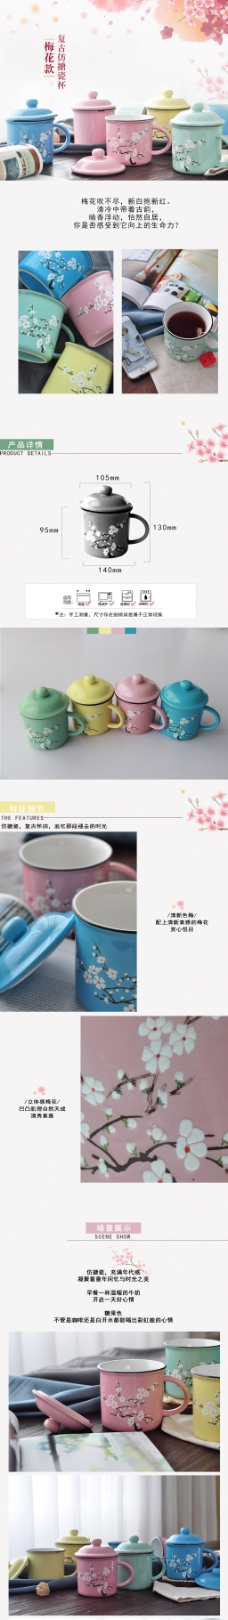 陶瓷杯详情页